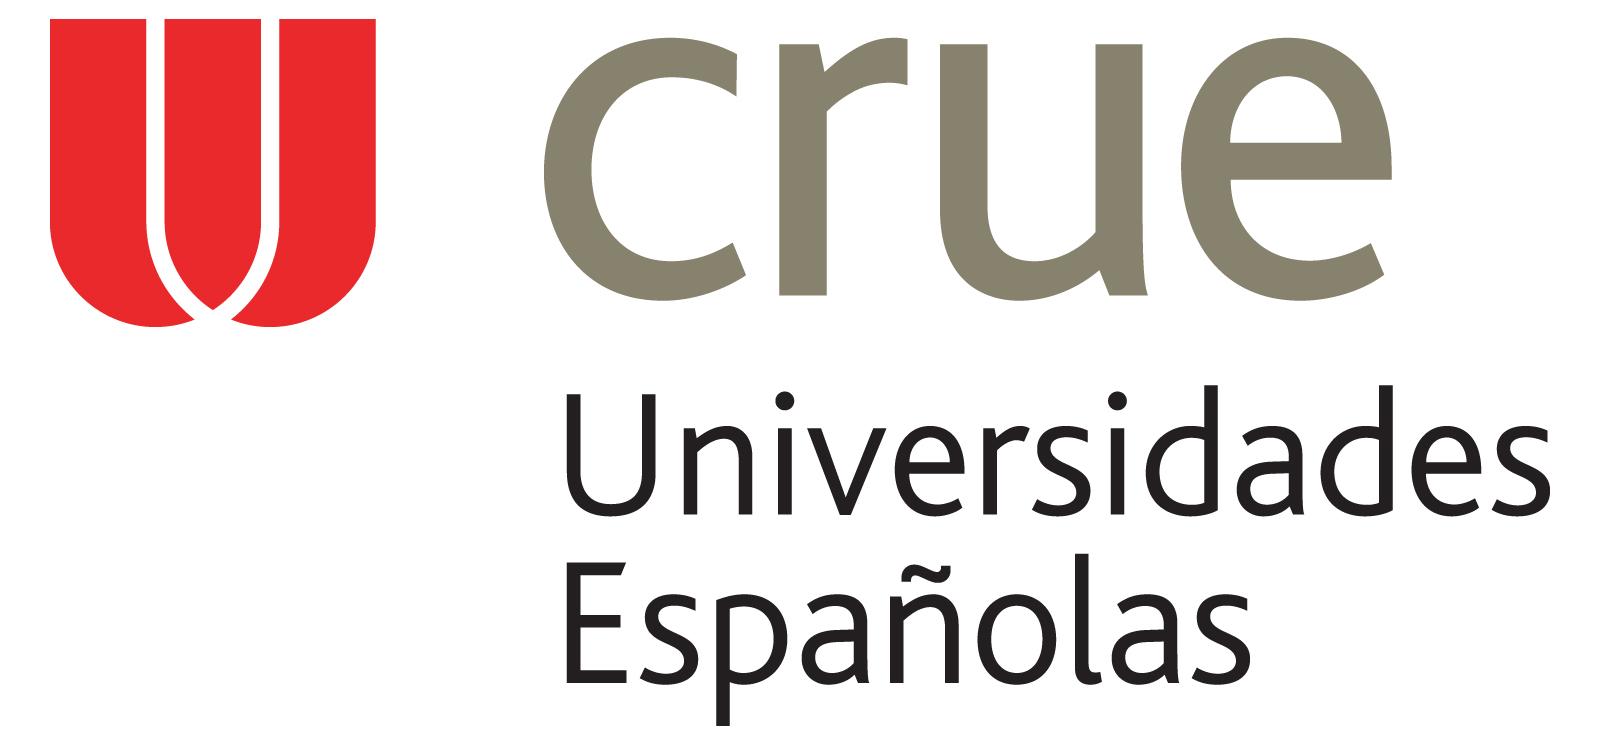 Comunicado de los rectores y rectoras de las universidades públicas andaluzas de ampliación de las medidas adoptadas con motivo del Covid-19